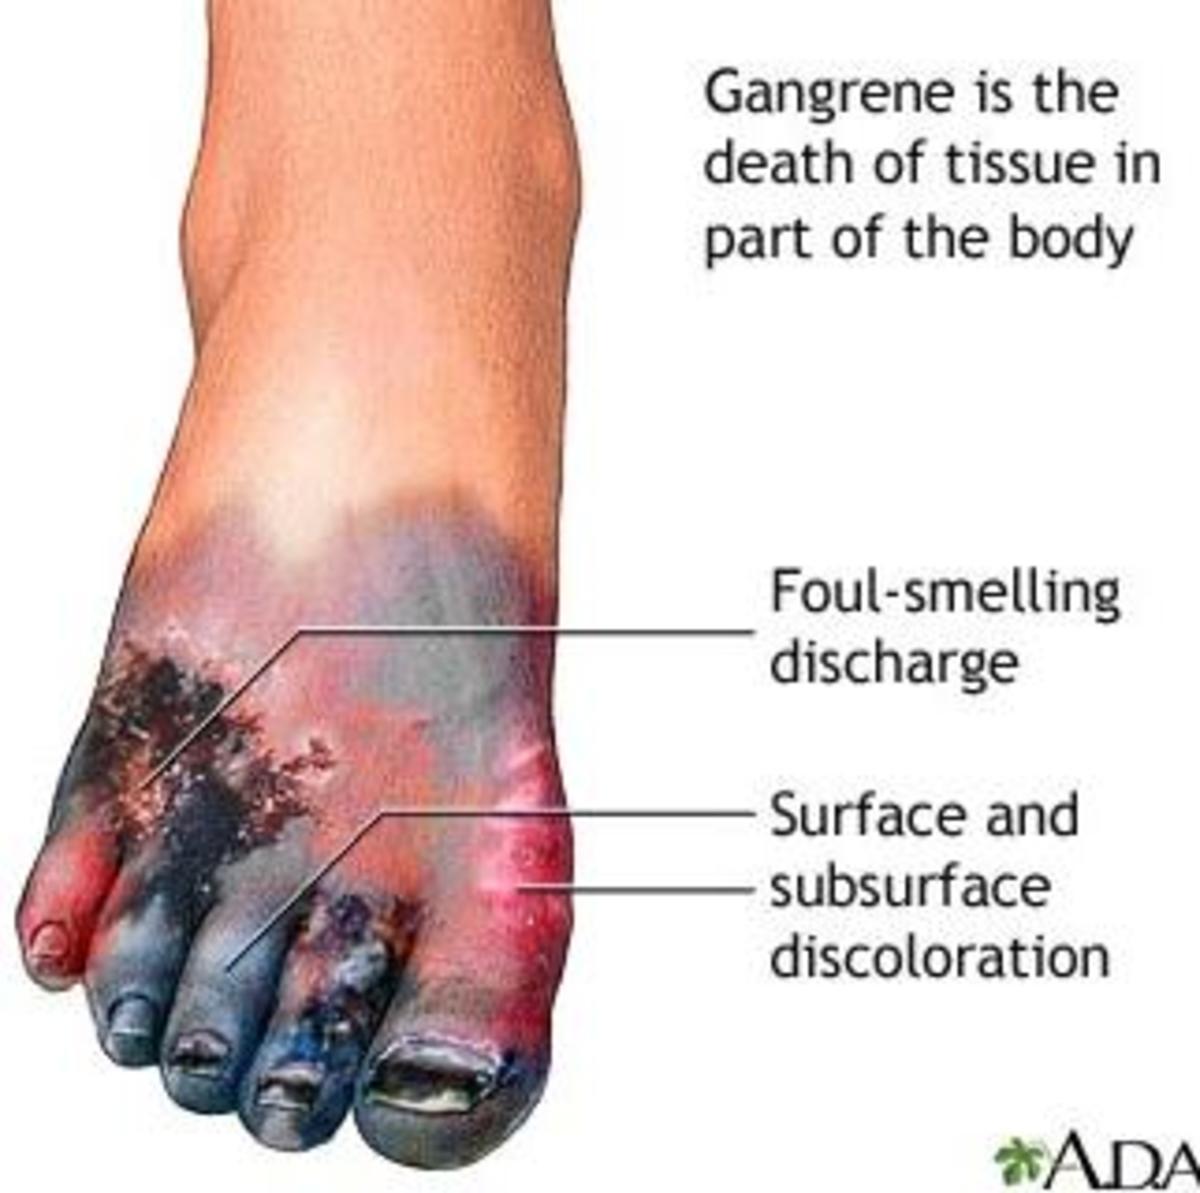 Dieseases Caused By Smoking